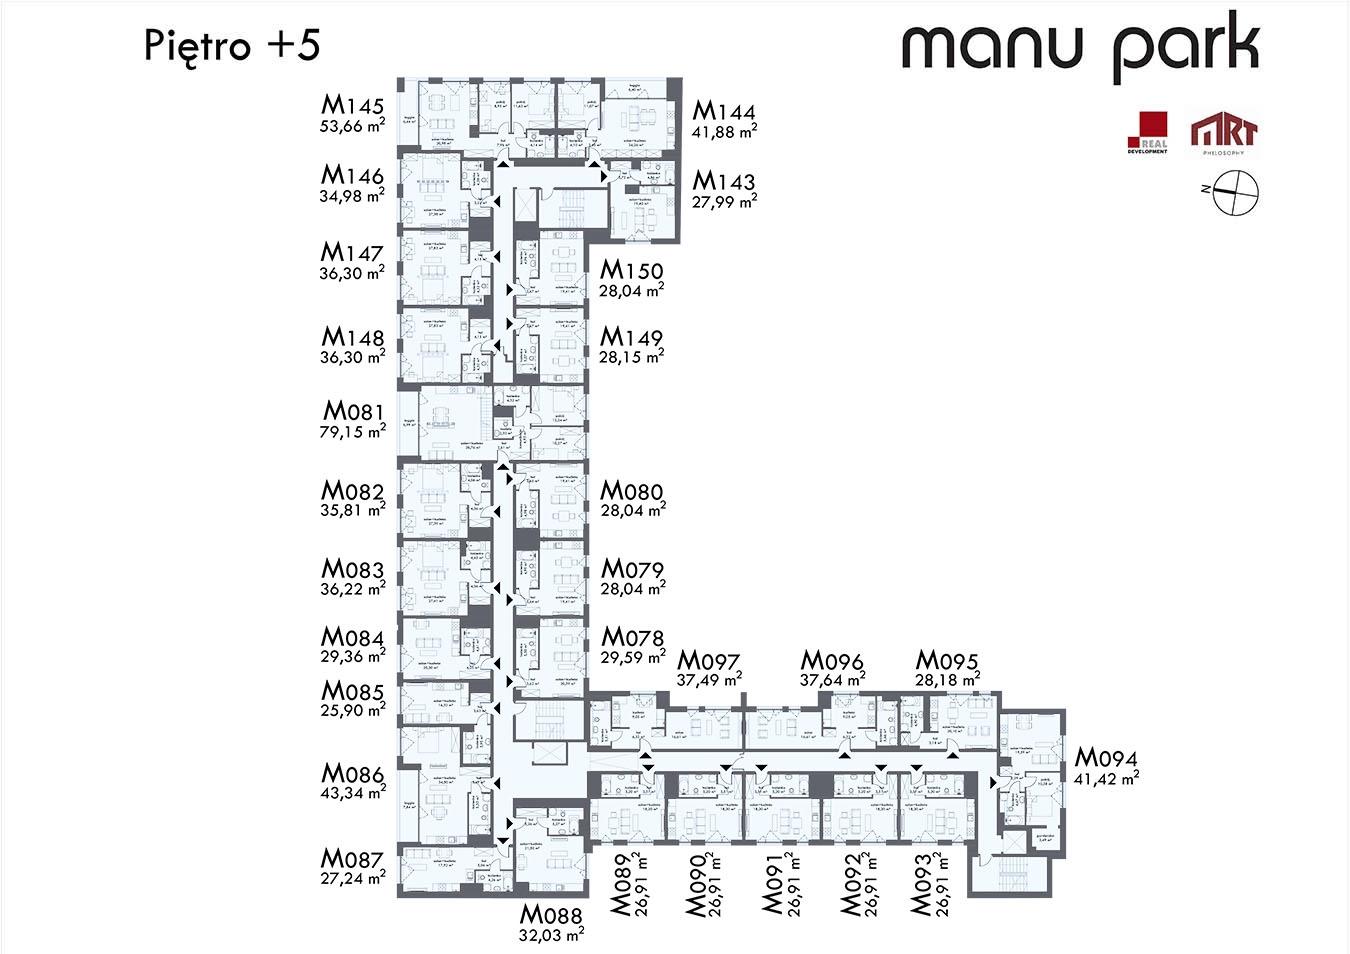 MANU PARK - Piętro 5